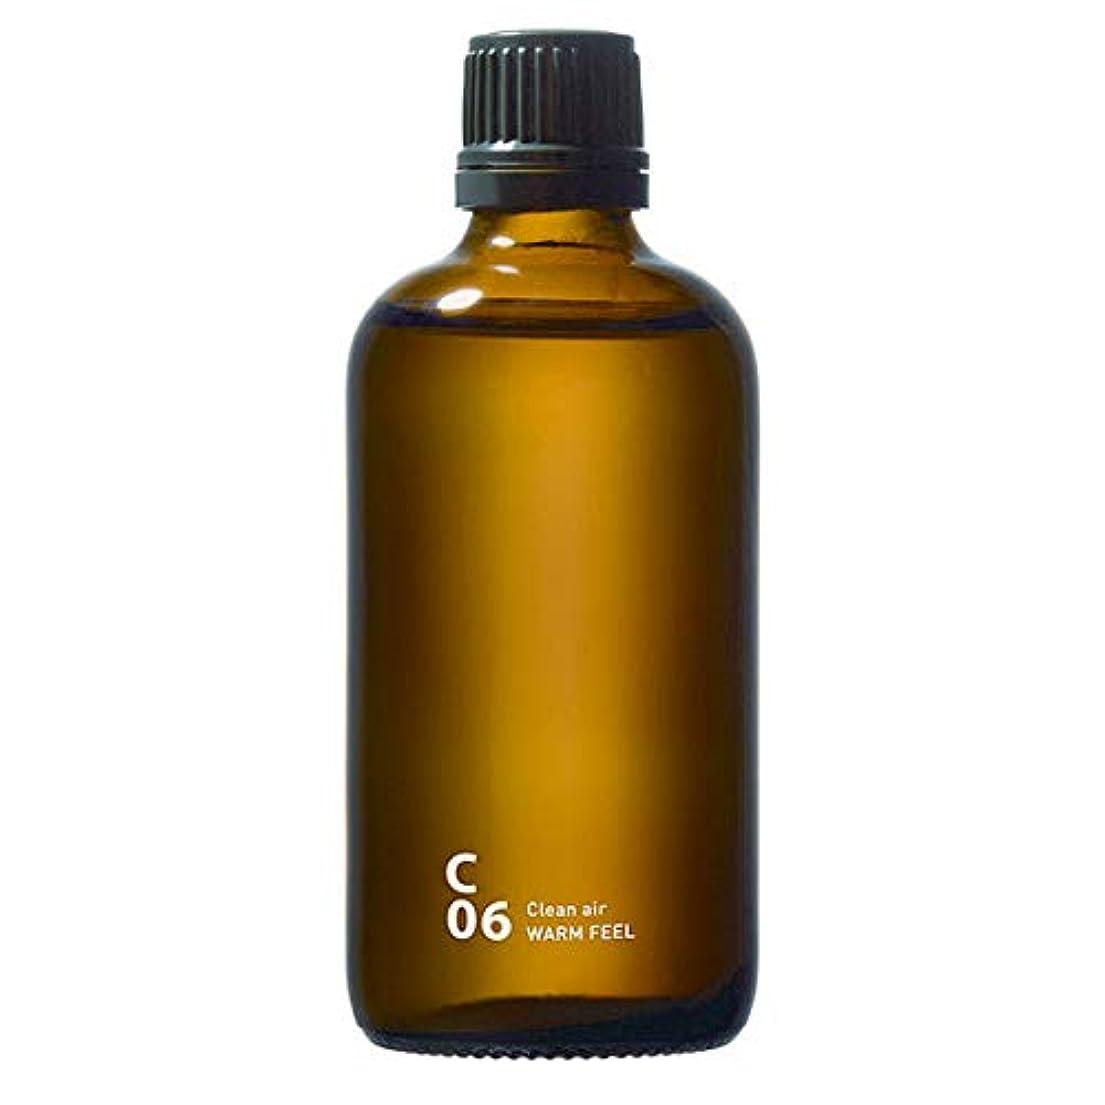 爆発物吸い込む花火C06 WARM FEEL piezo aroma oil 100ml